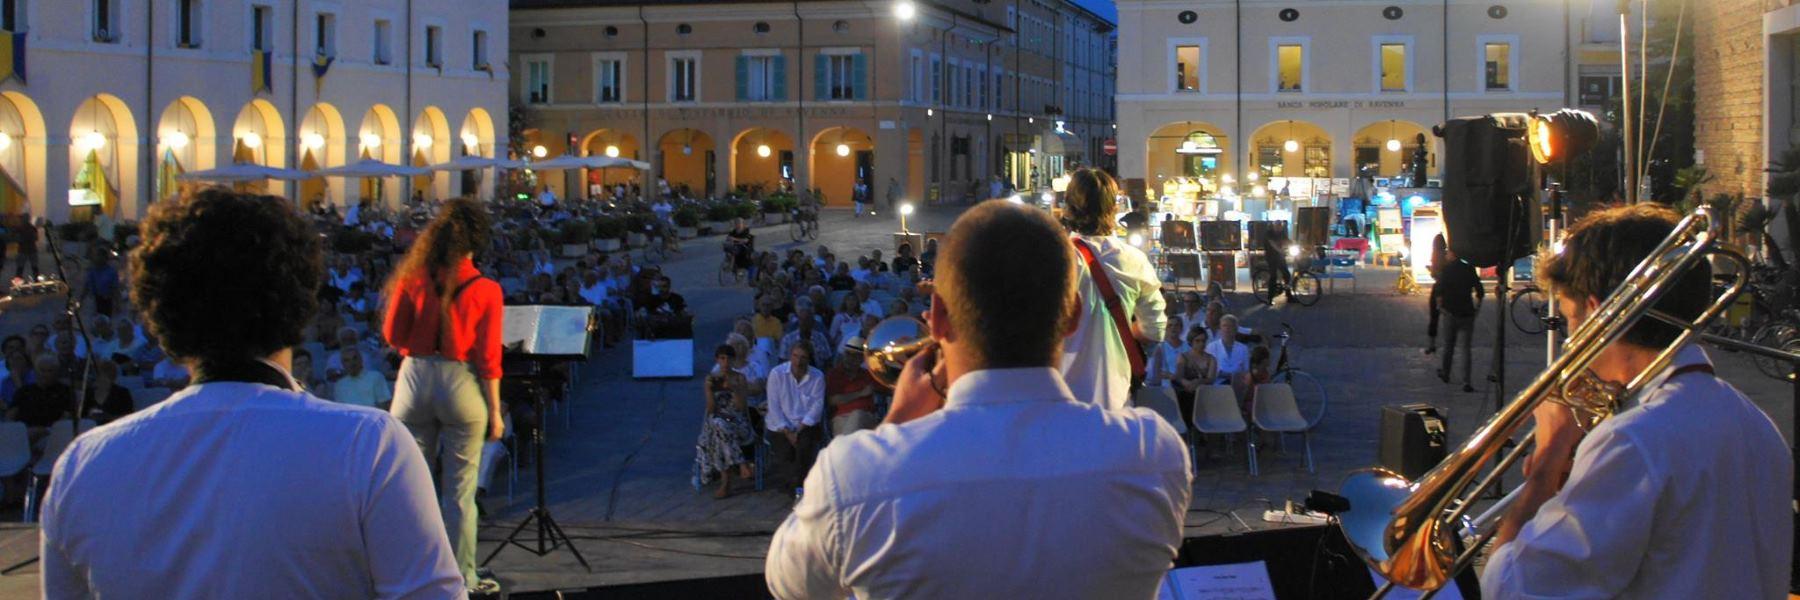 Romagna Festival